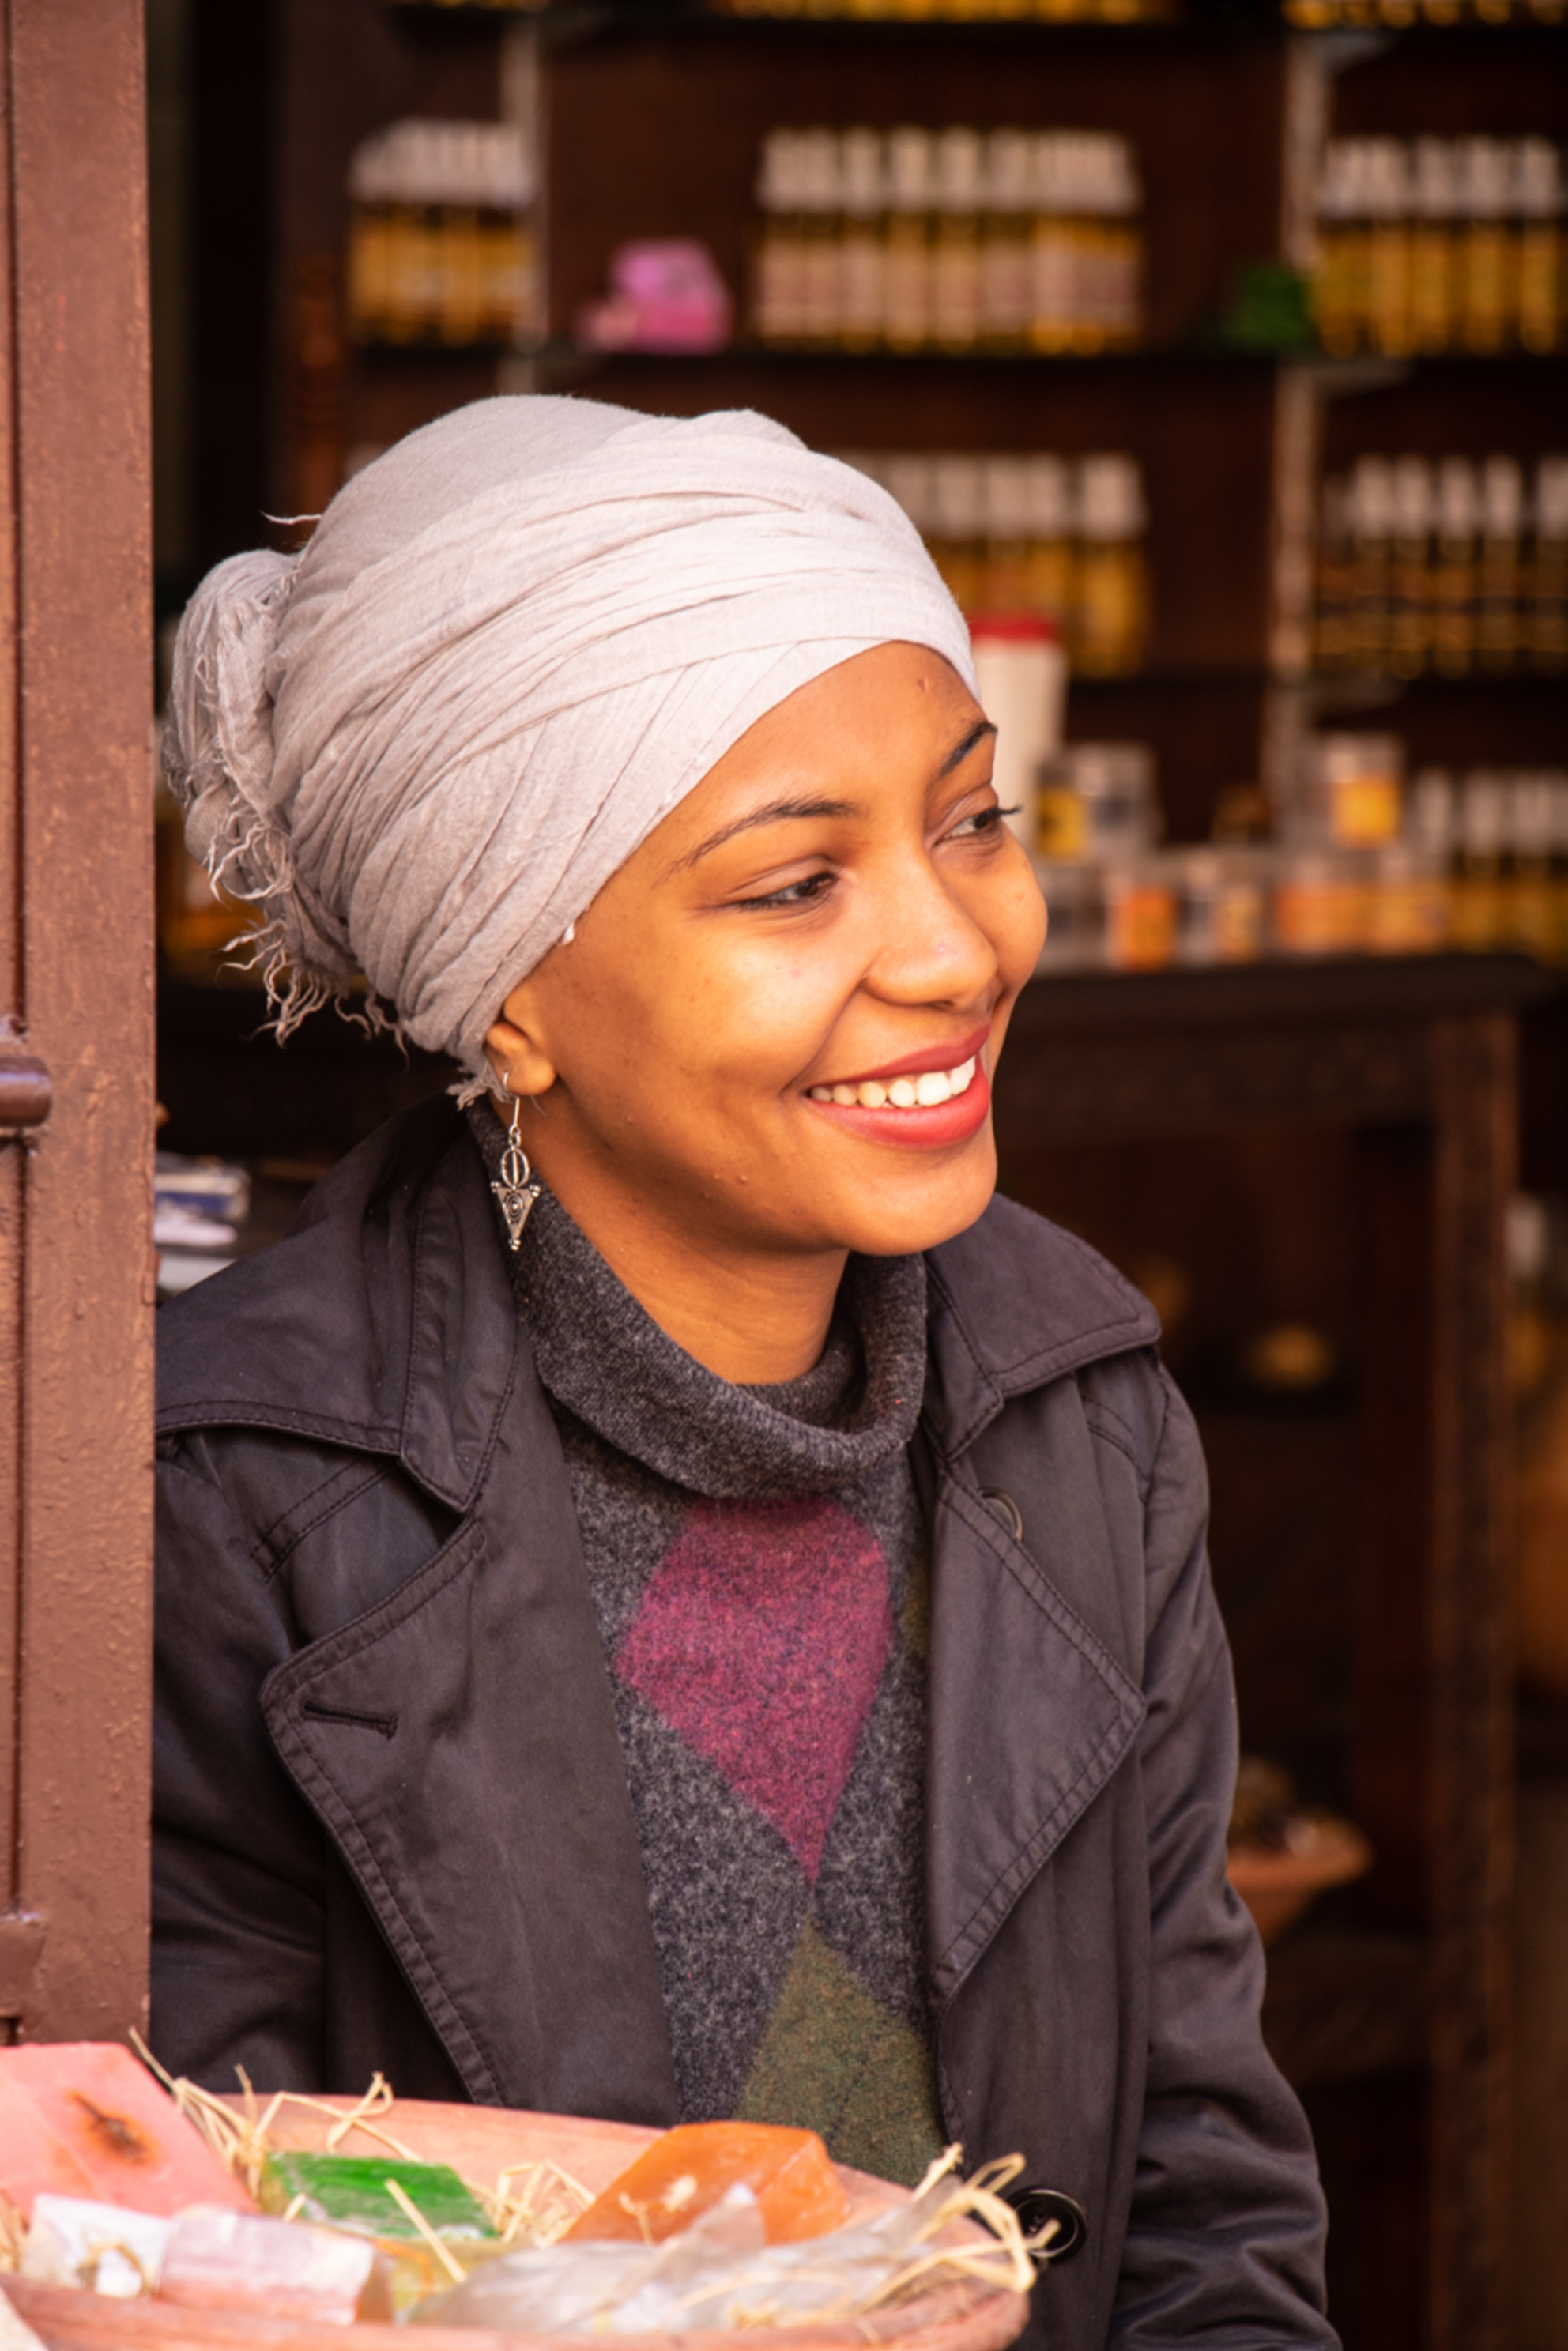 Karima - Je m'appelle Karima, zei ze heel verlegen. - foto door je.gabber op 14-11-2018 - deze foto bevat: afrika